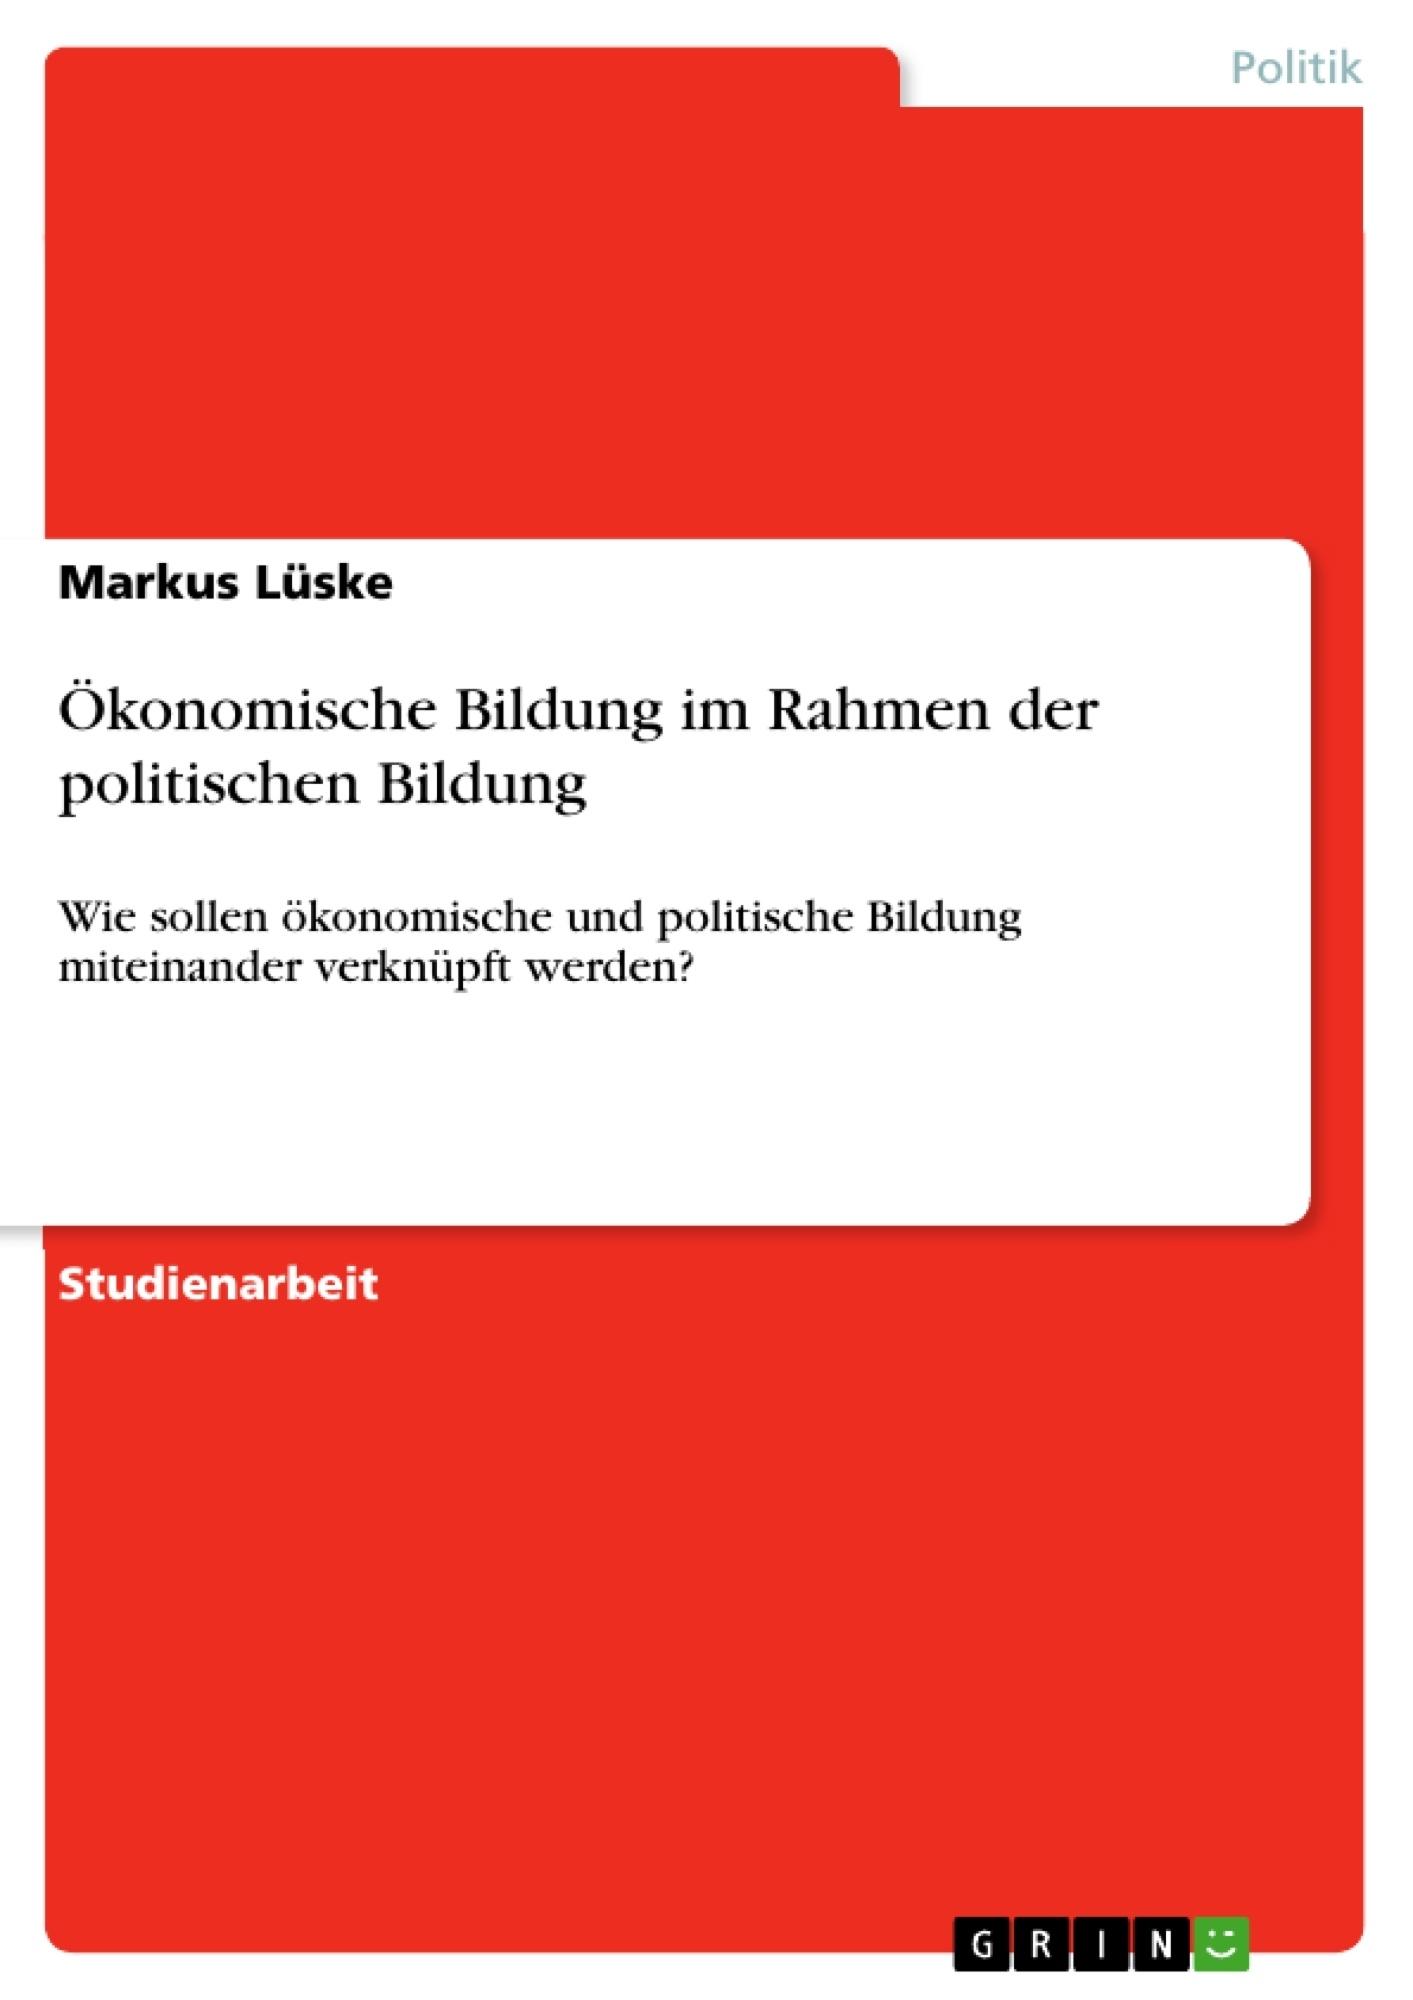 Titel: Ökonomische Bildung im Rahmen der politischen Bildung